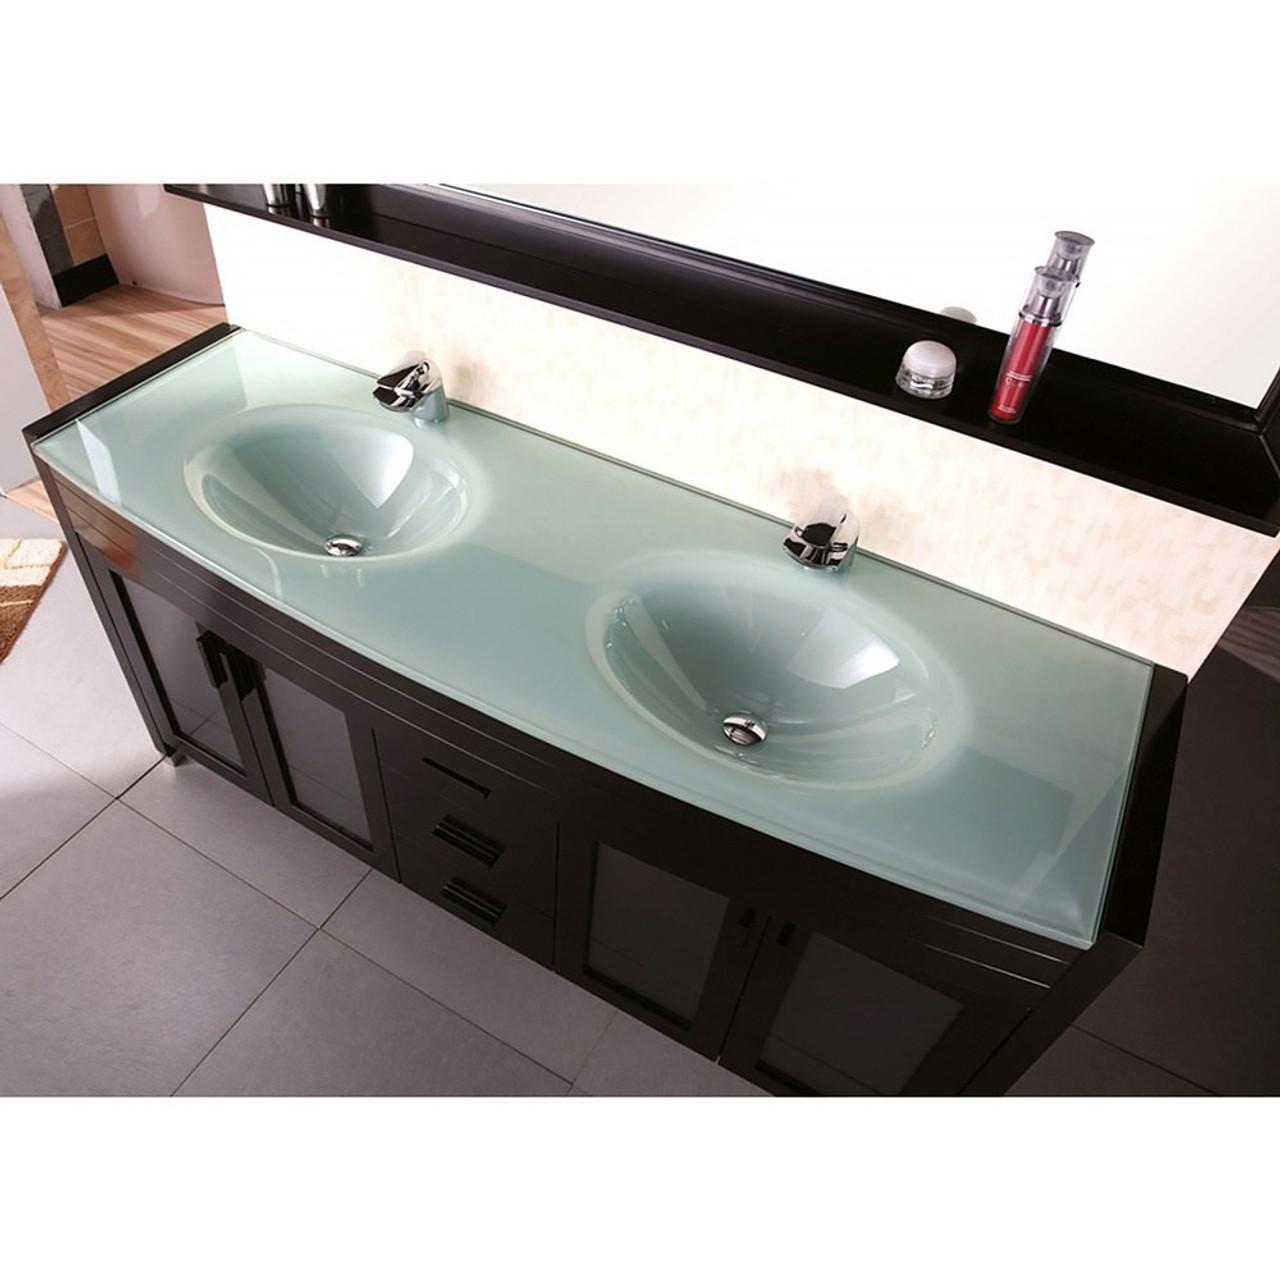 Juno 60 Espresso Double Sink Bathroom Vanity Royal Bath Place